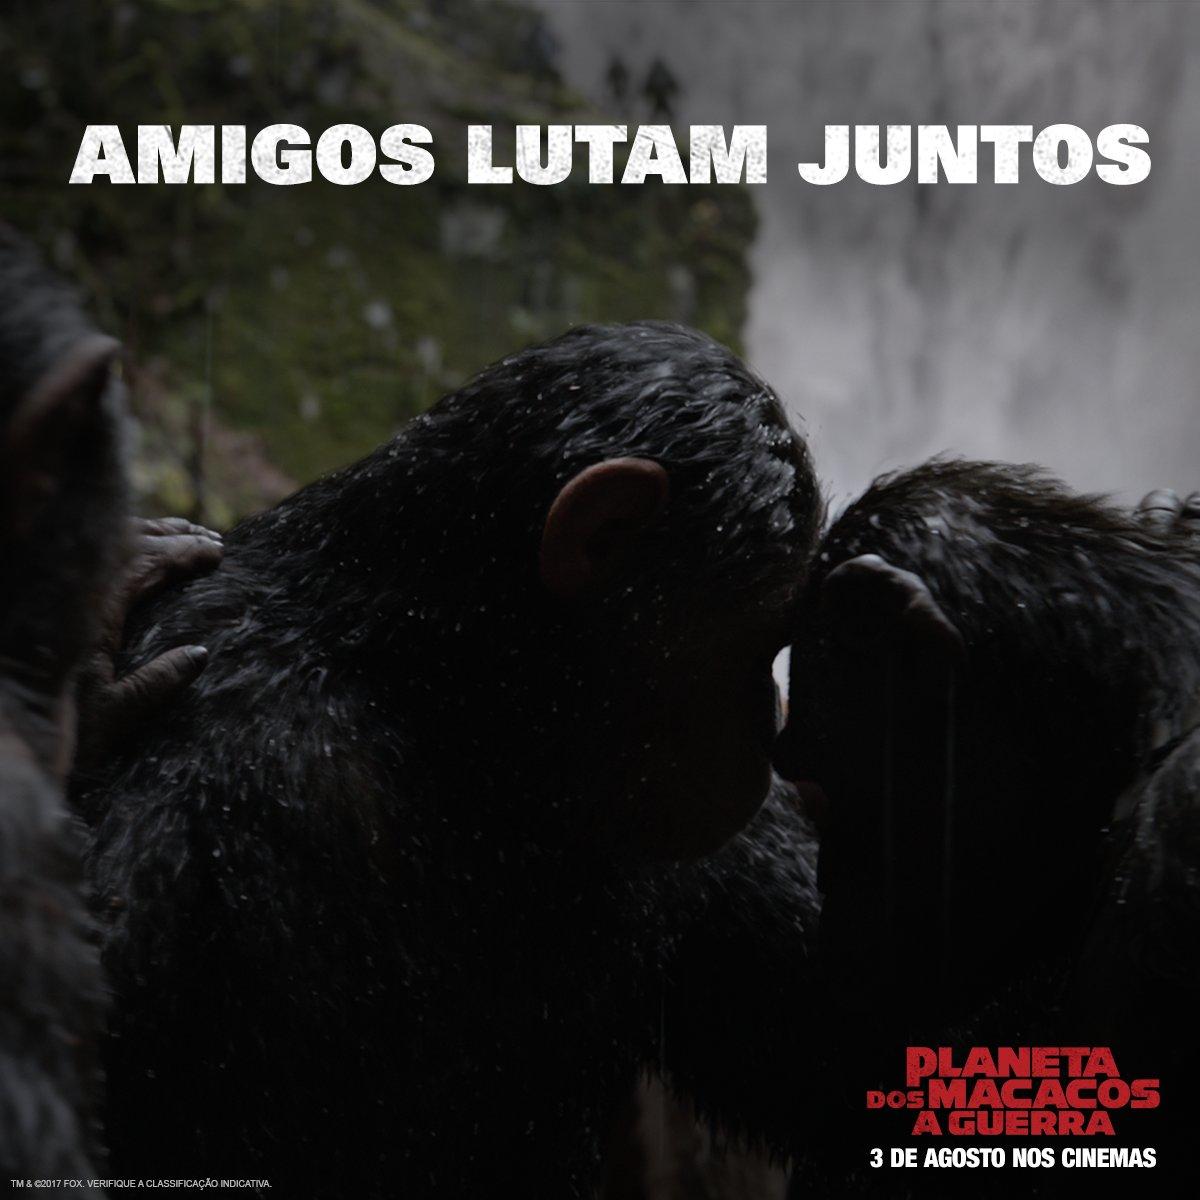 Marque aquela pessoa que lutaria lado a lado com você. Feliz Dia do Amigo! #PlanetaDosMacacosAGuerra, 3 de agosto nos cinemas em 3D.